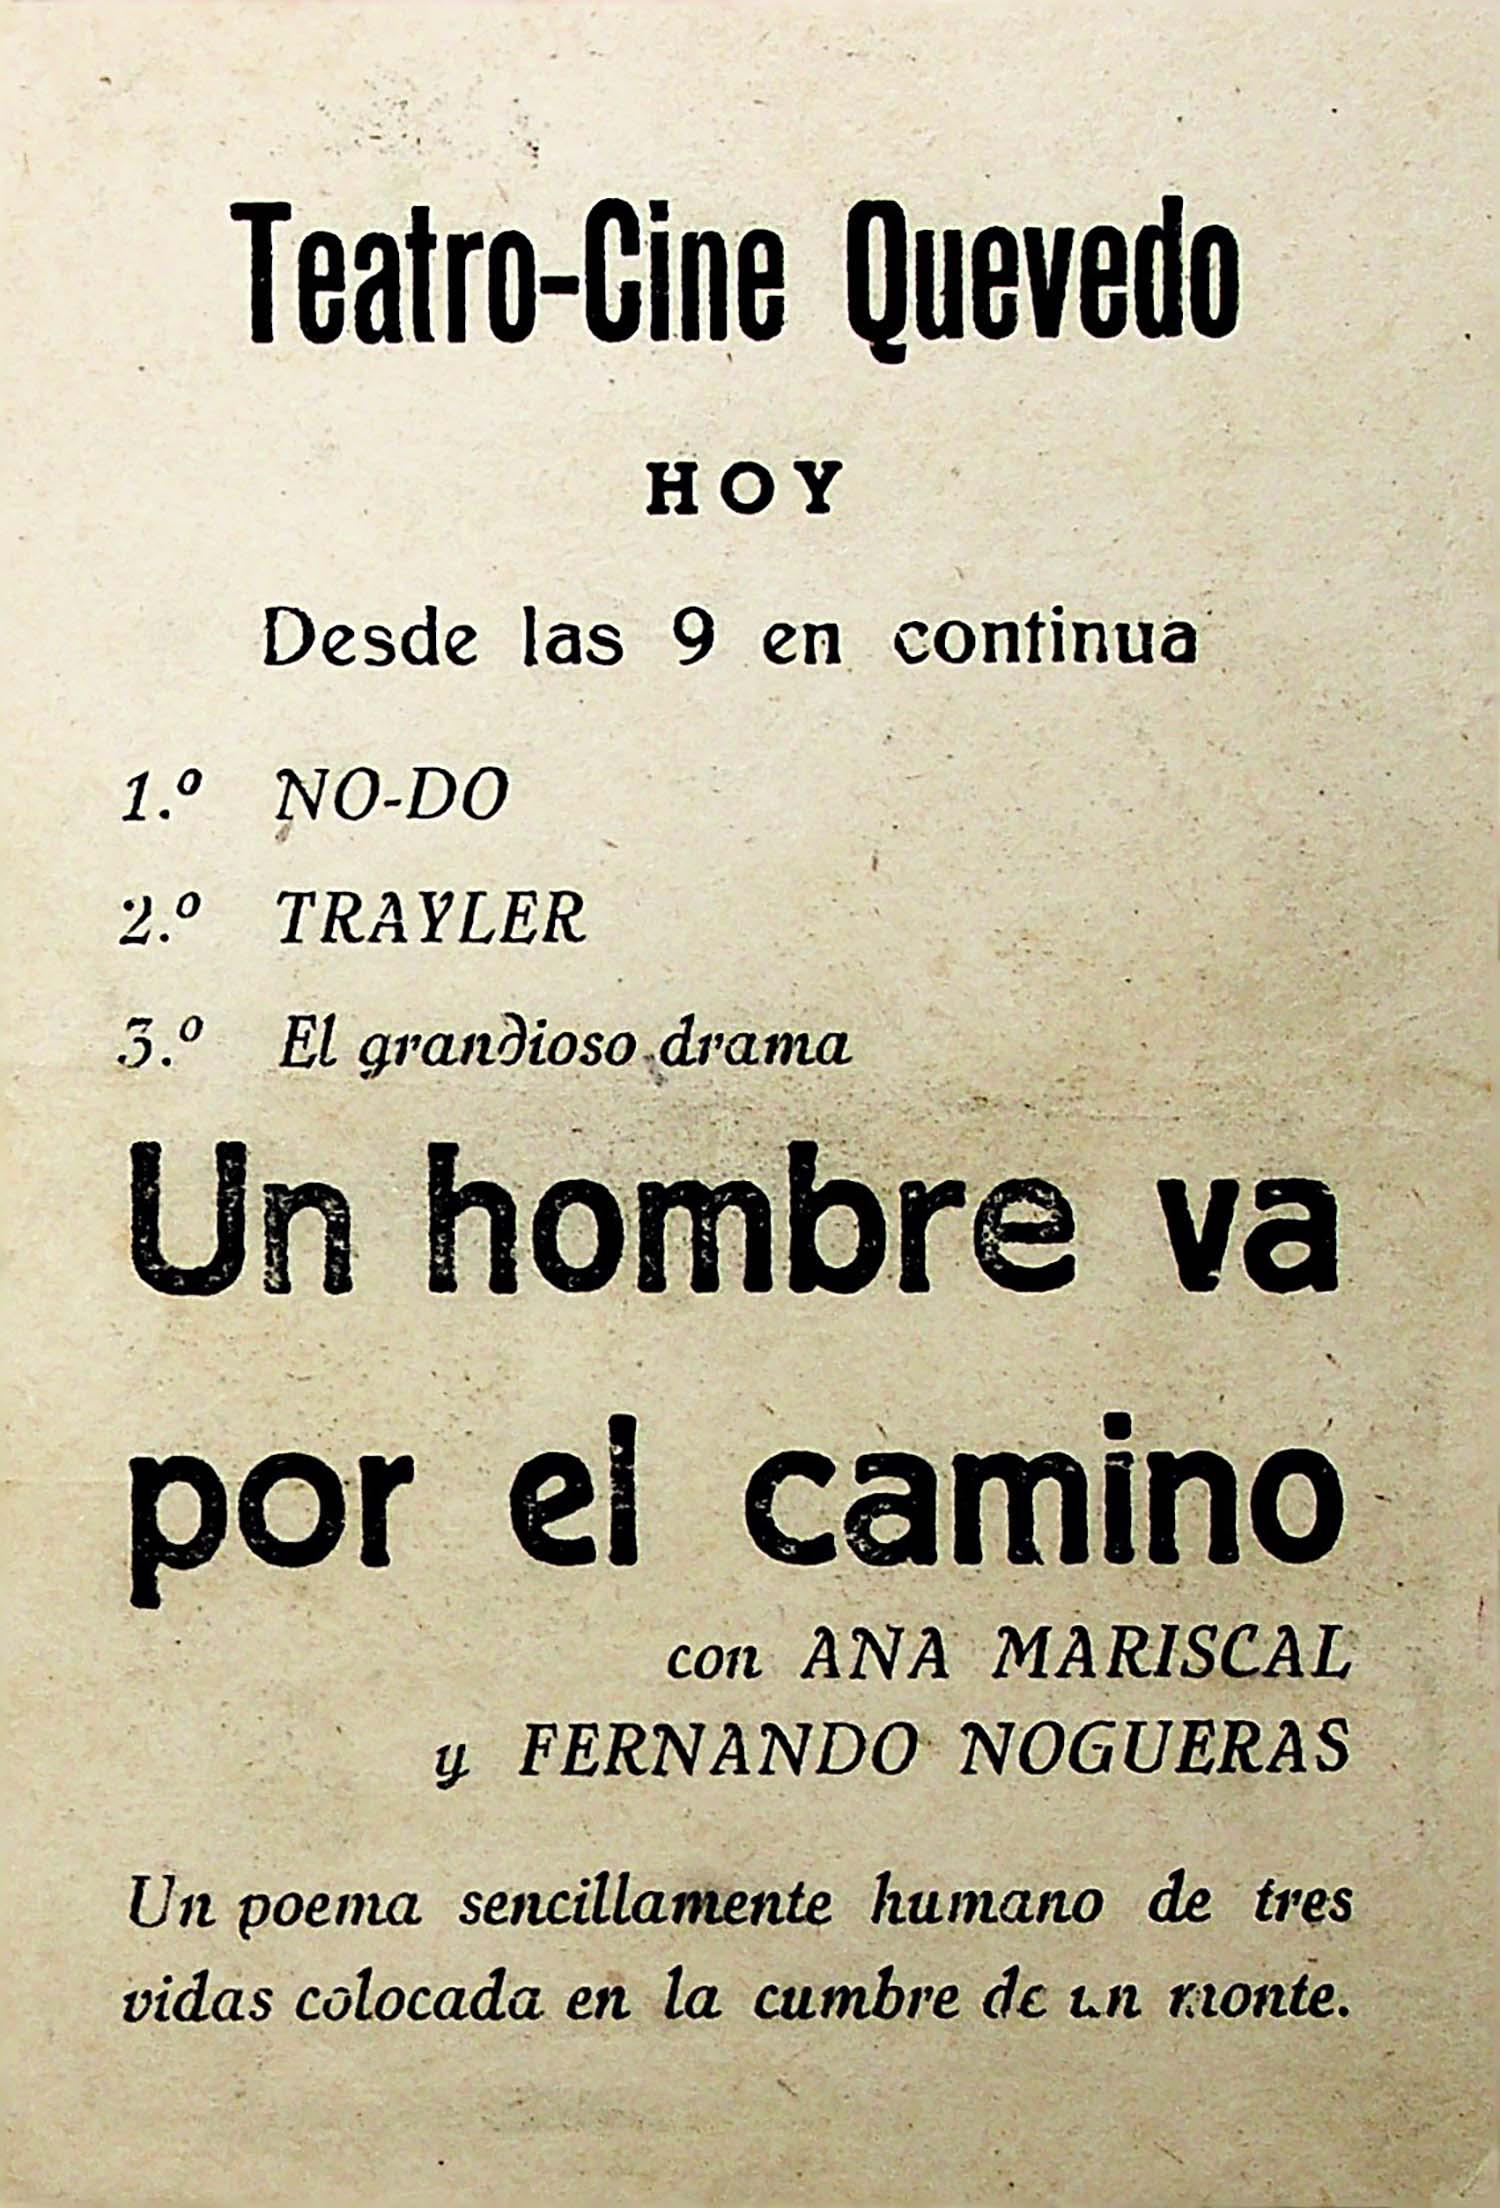 PROGRAMA DE MANO. UN HOMBRE VA POR EL CAMINO. Ana Mariscal. CP